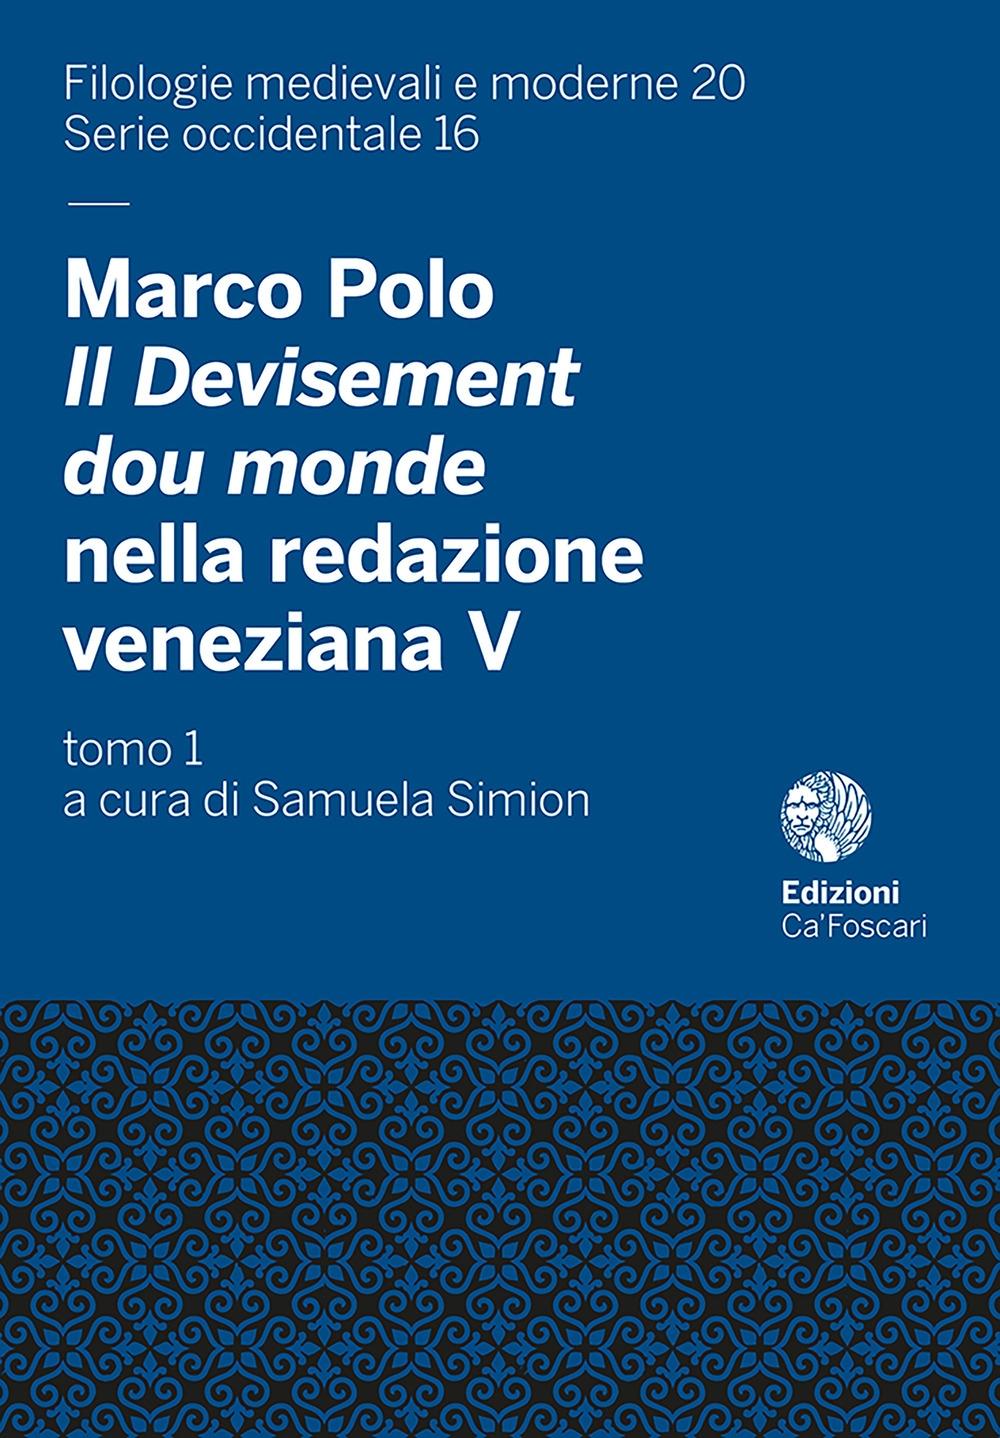 Marco Polo, il Devisement dou Monde nella redazione veneziana V (cod. Hamilton 424 della Staatsbibliothek di Berlino)